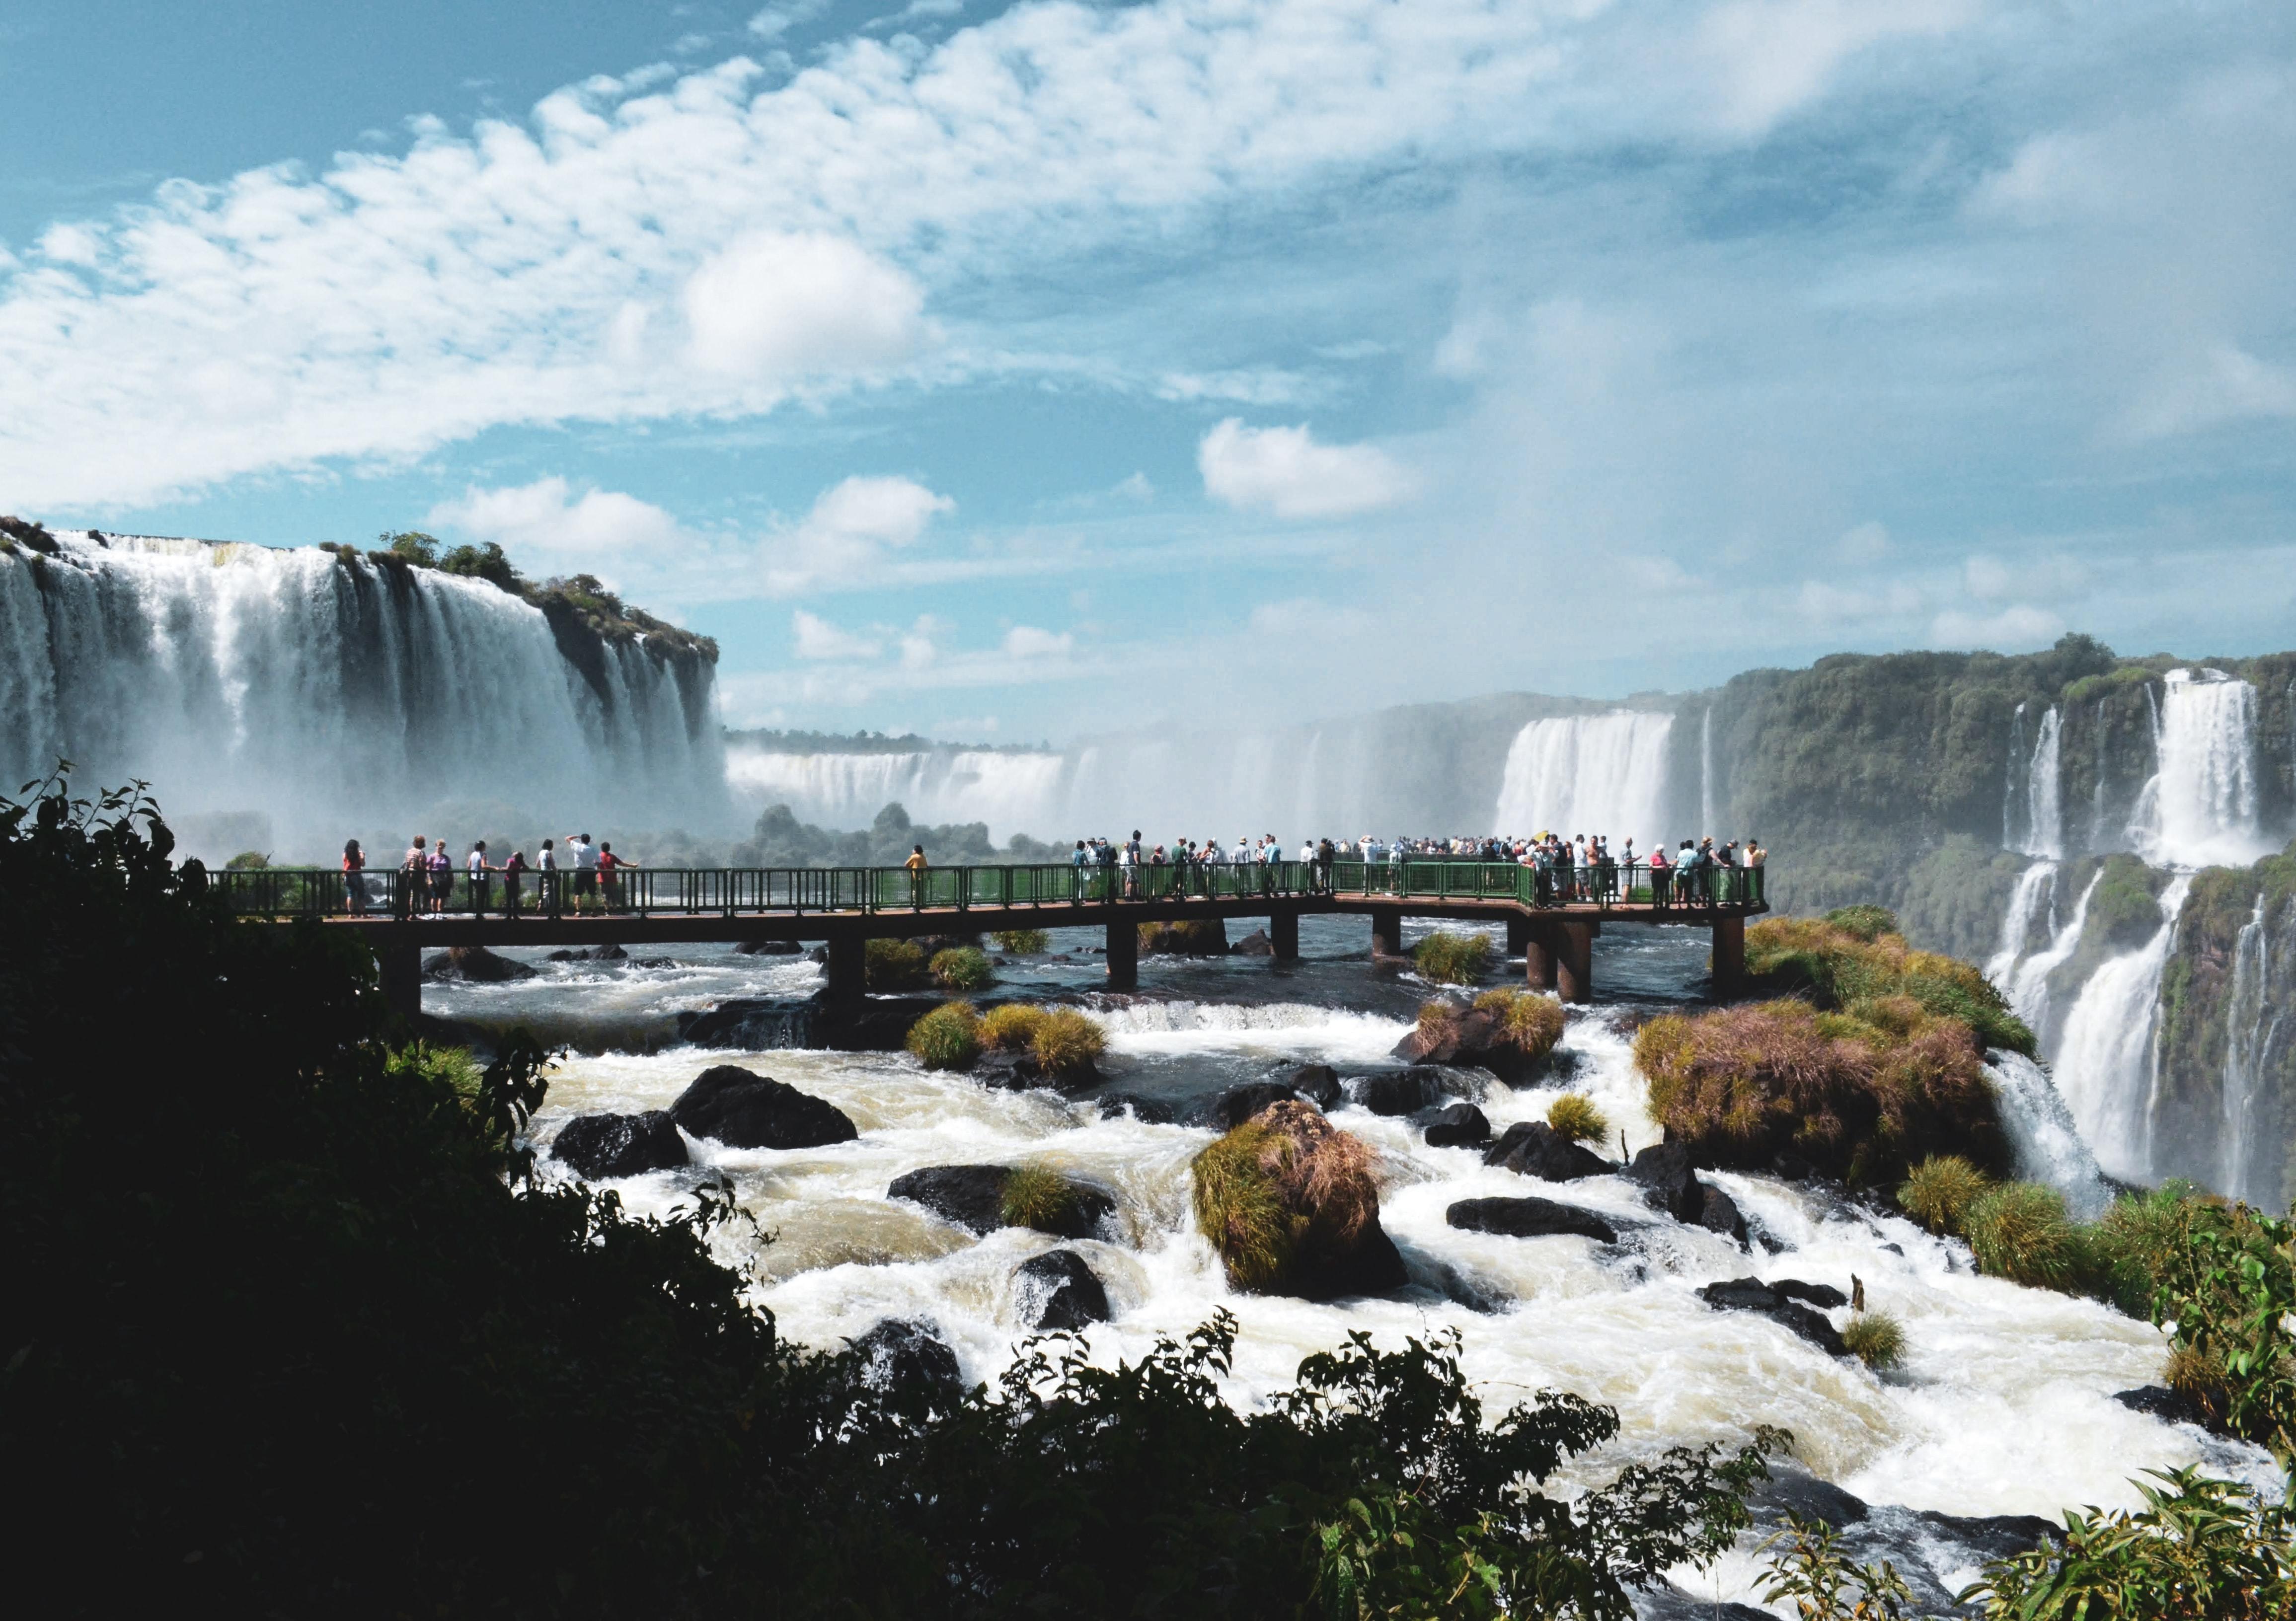 photo of waterfalls highlighting the precious resource #WorldWaterDay